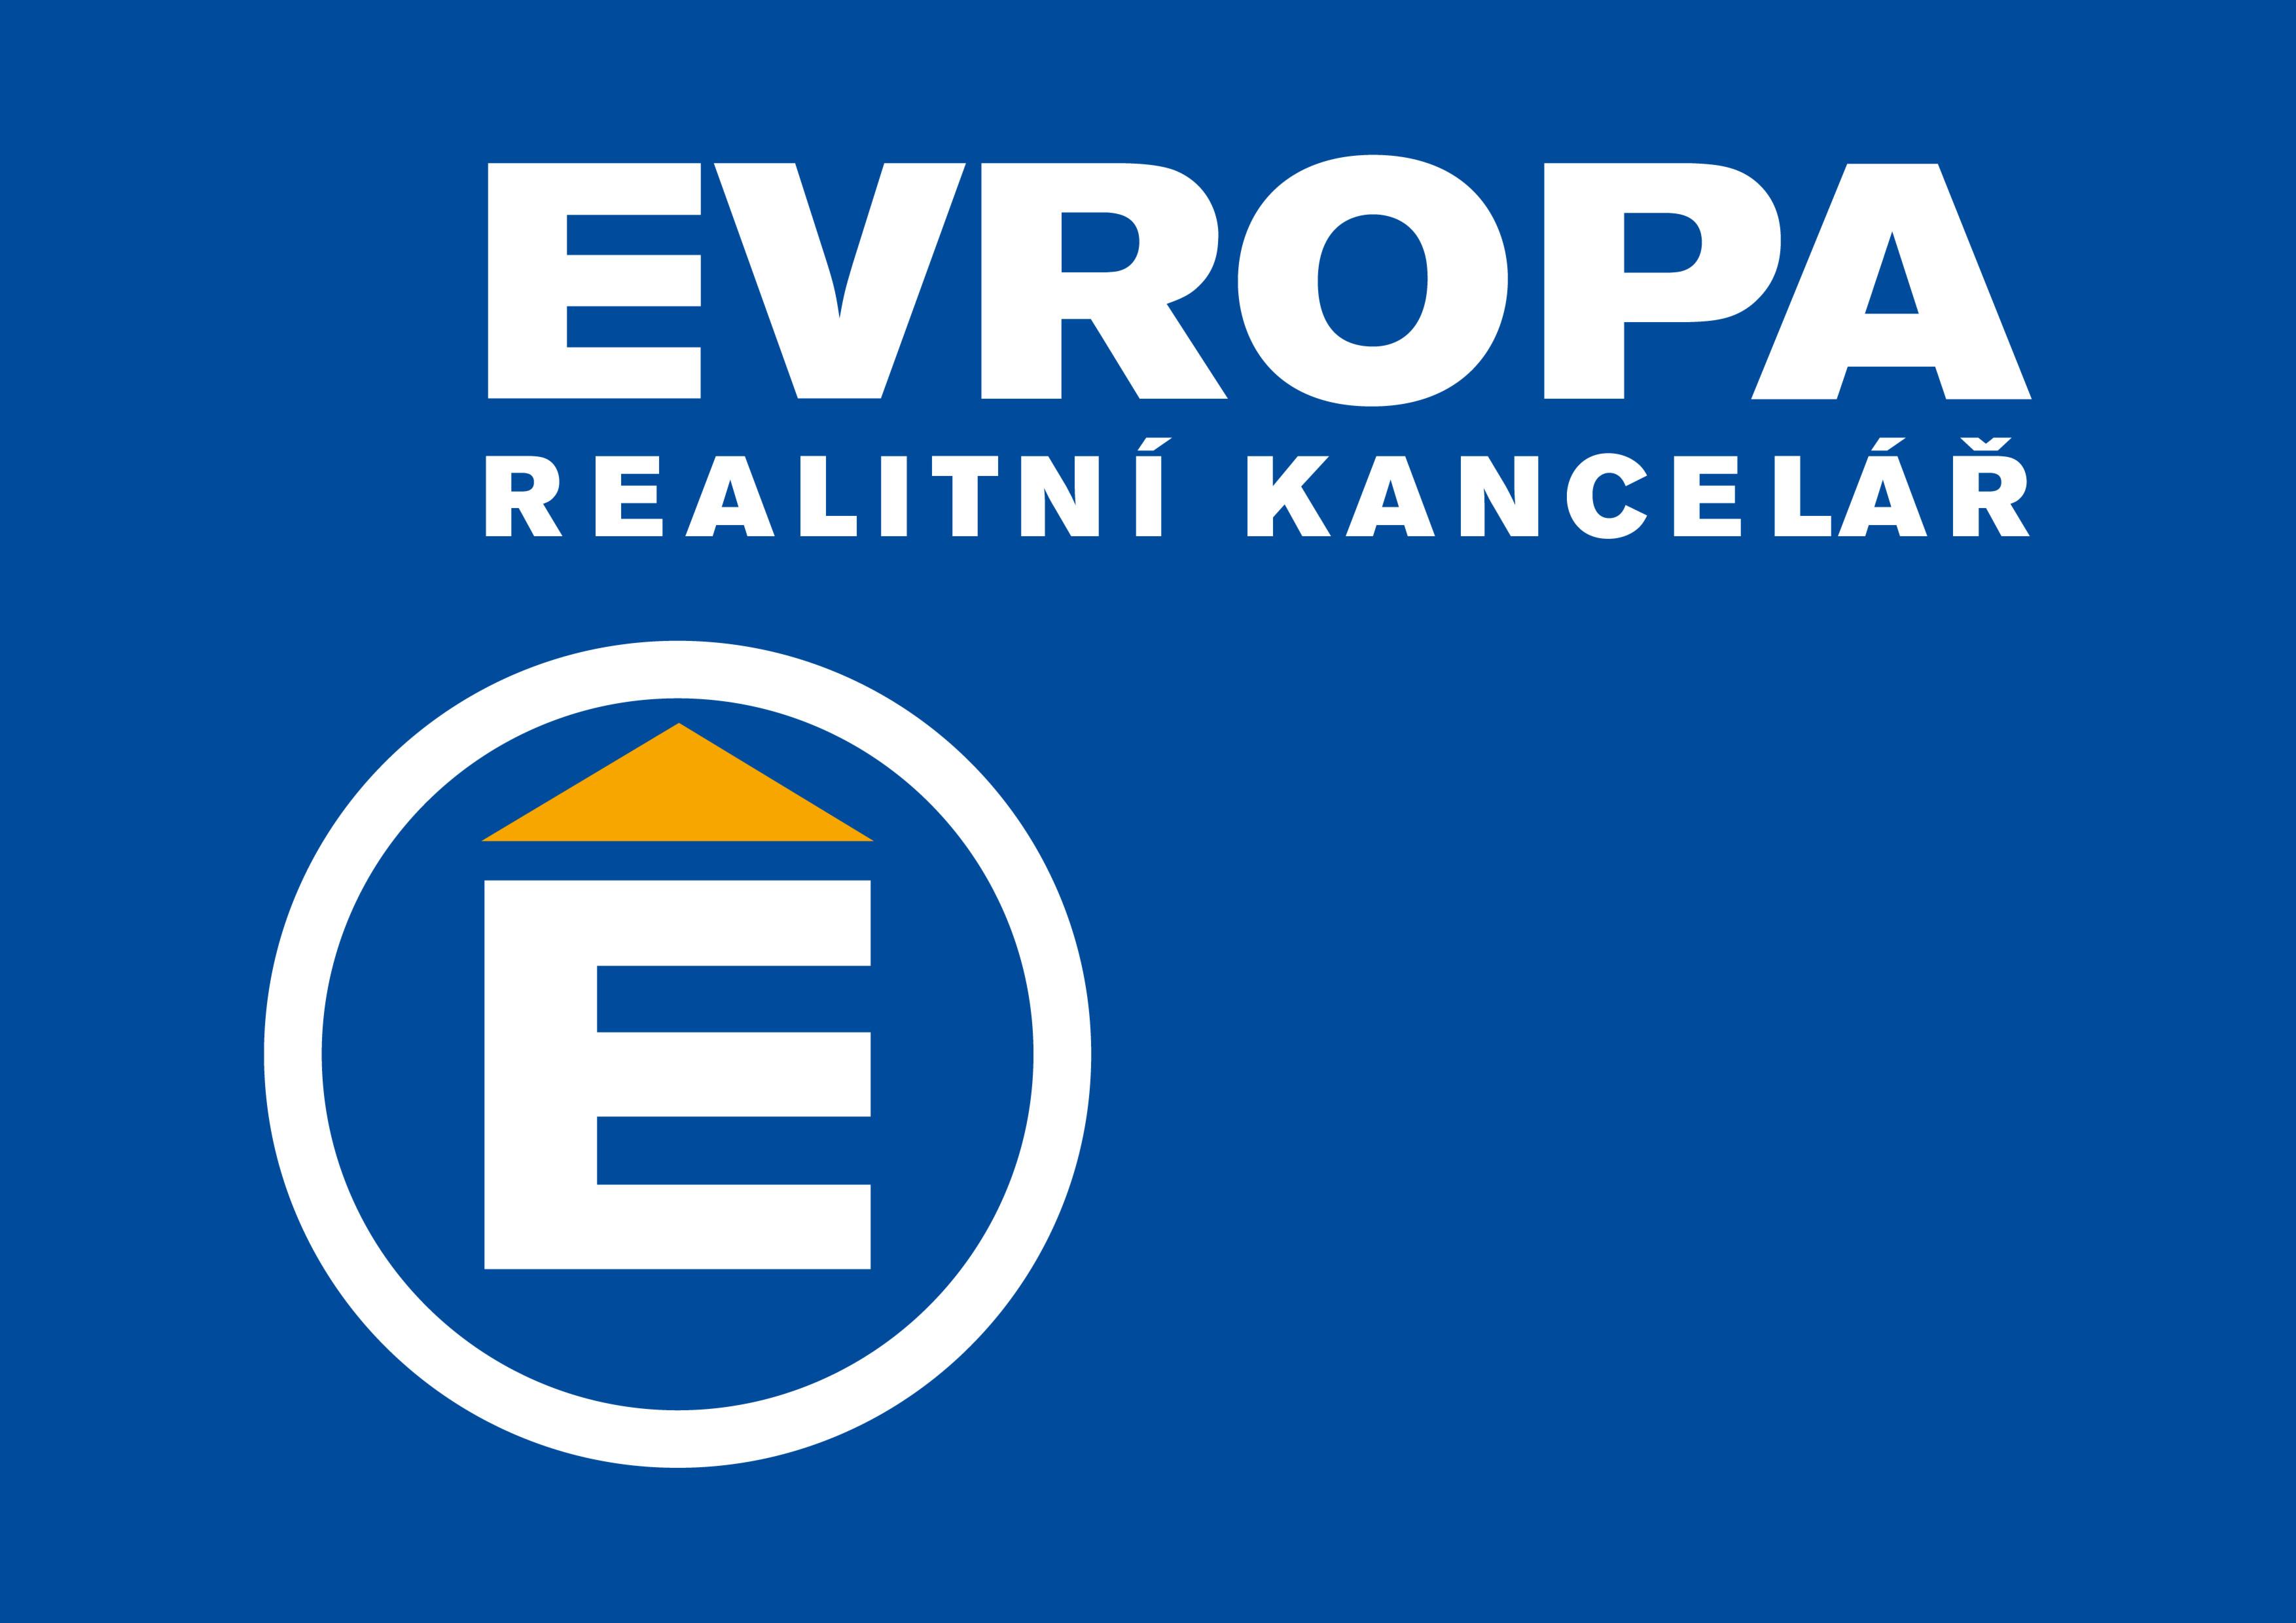 EVROPA realitní kancelář MĚLNÍK